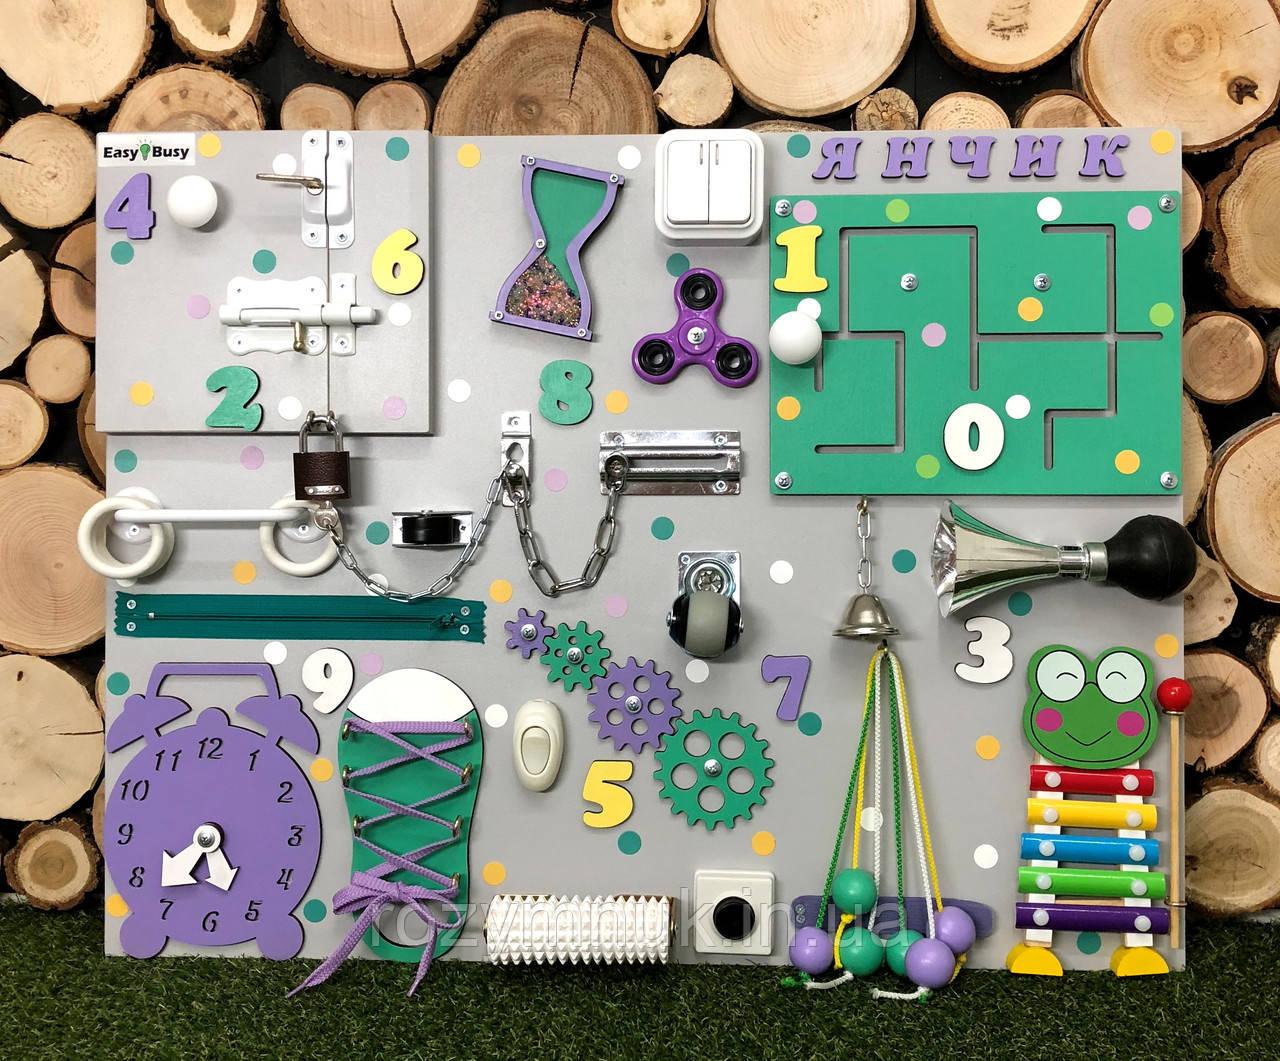 Развивающая доска Бизиборд размер 50*65  Лучший подарок  бізіборд фиолетово-мятный с песочными часами+ИМЯ